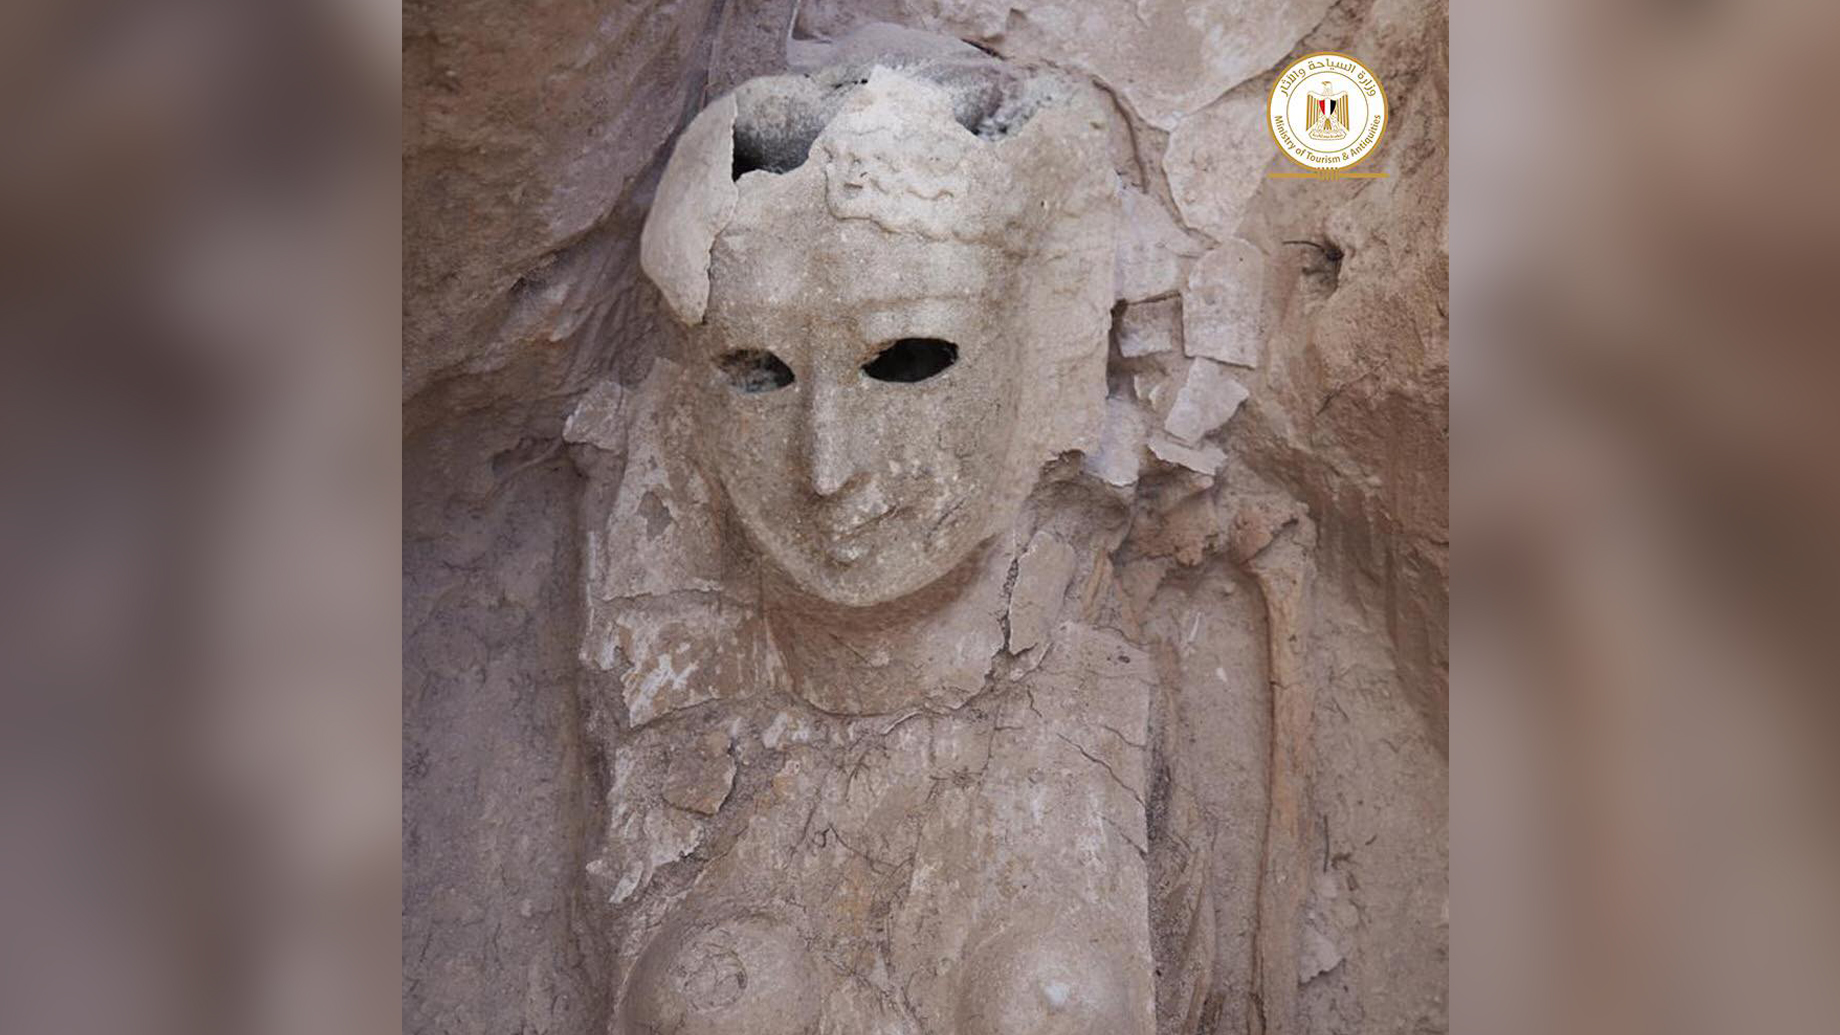 Une momie avec une langue d'or trouvée en Egypte (vidéo) By Jack35 1-7